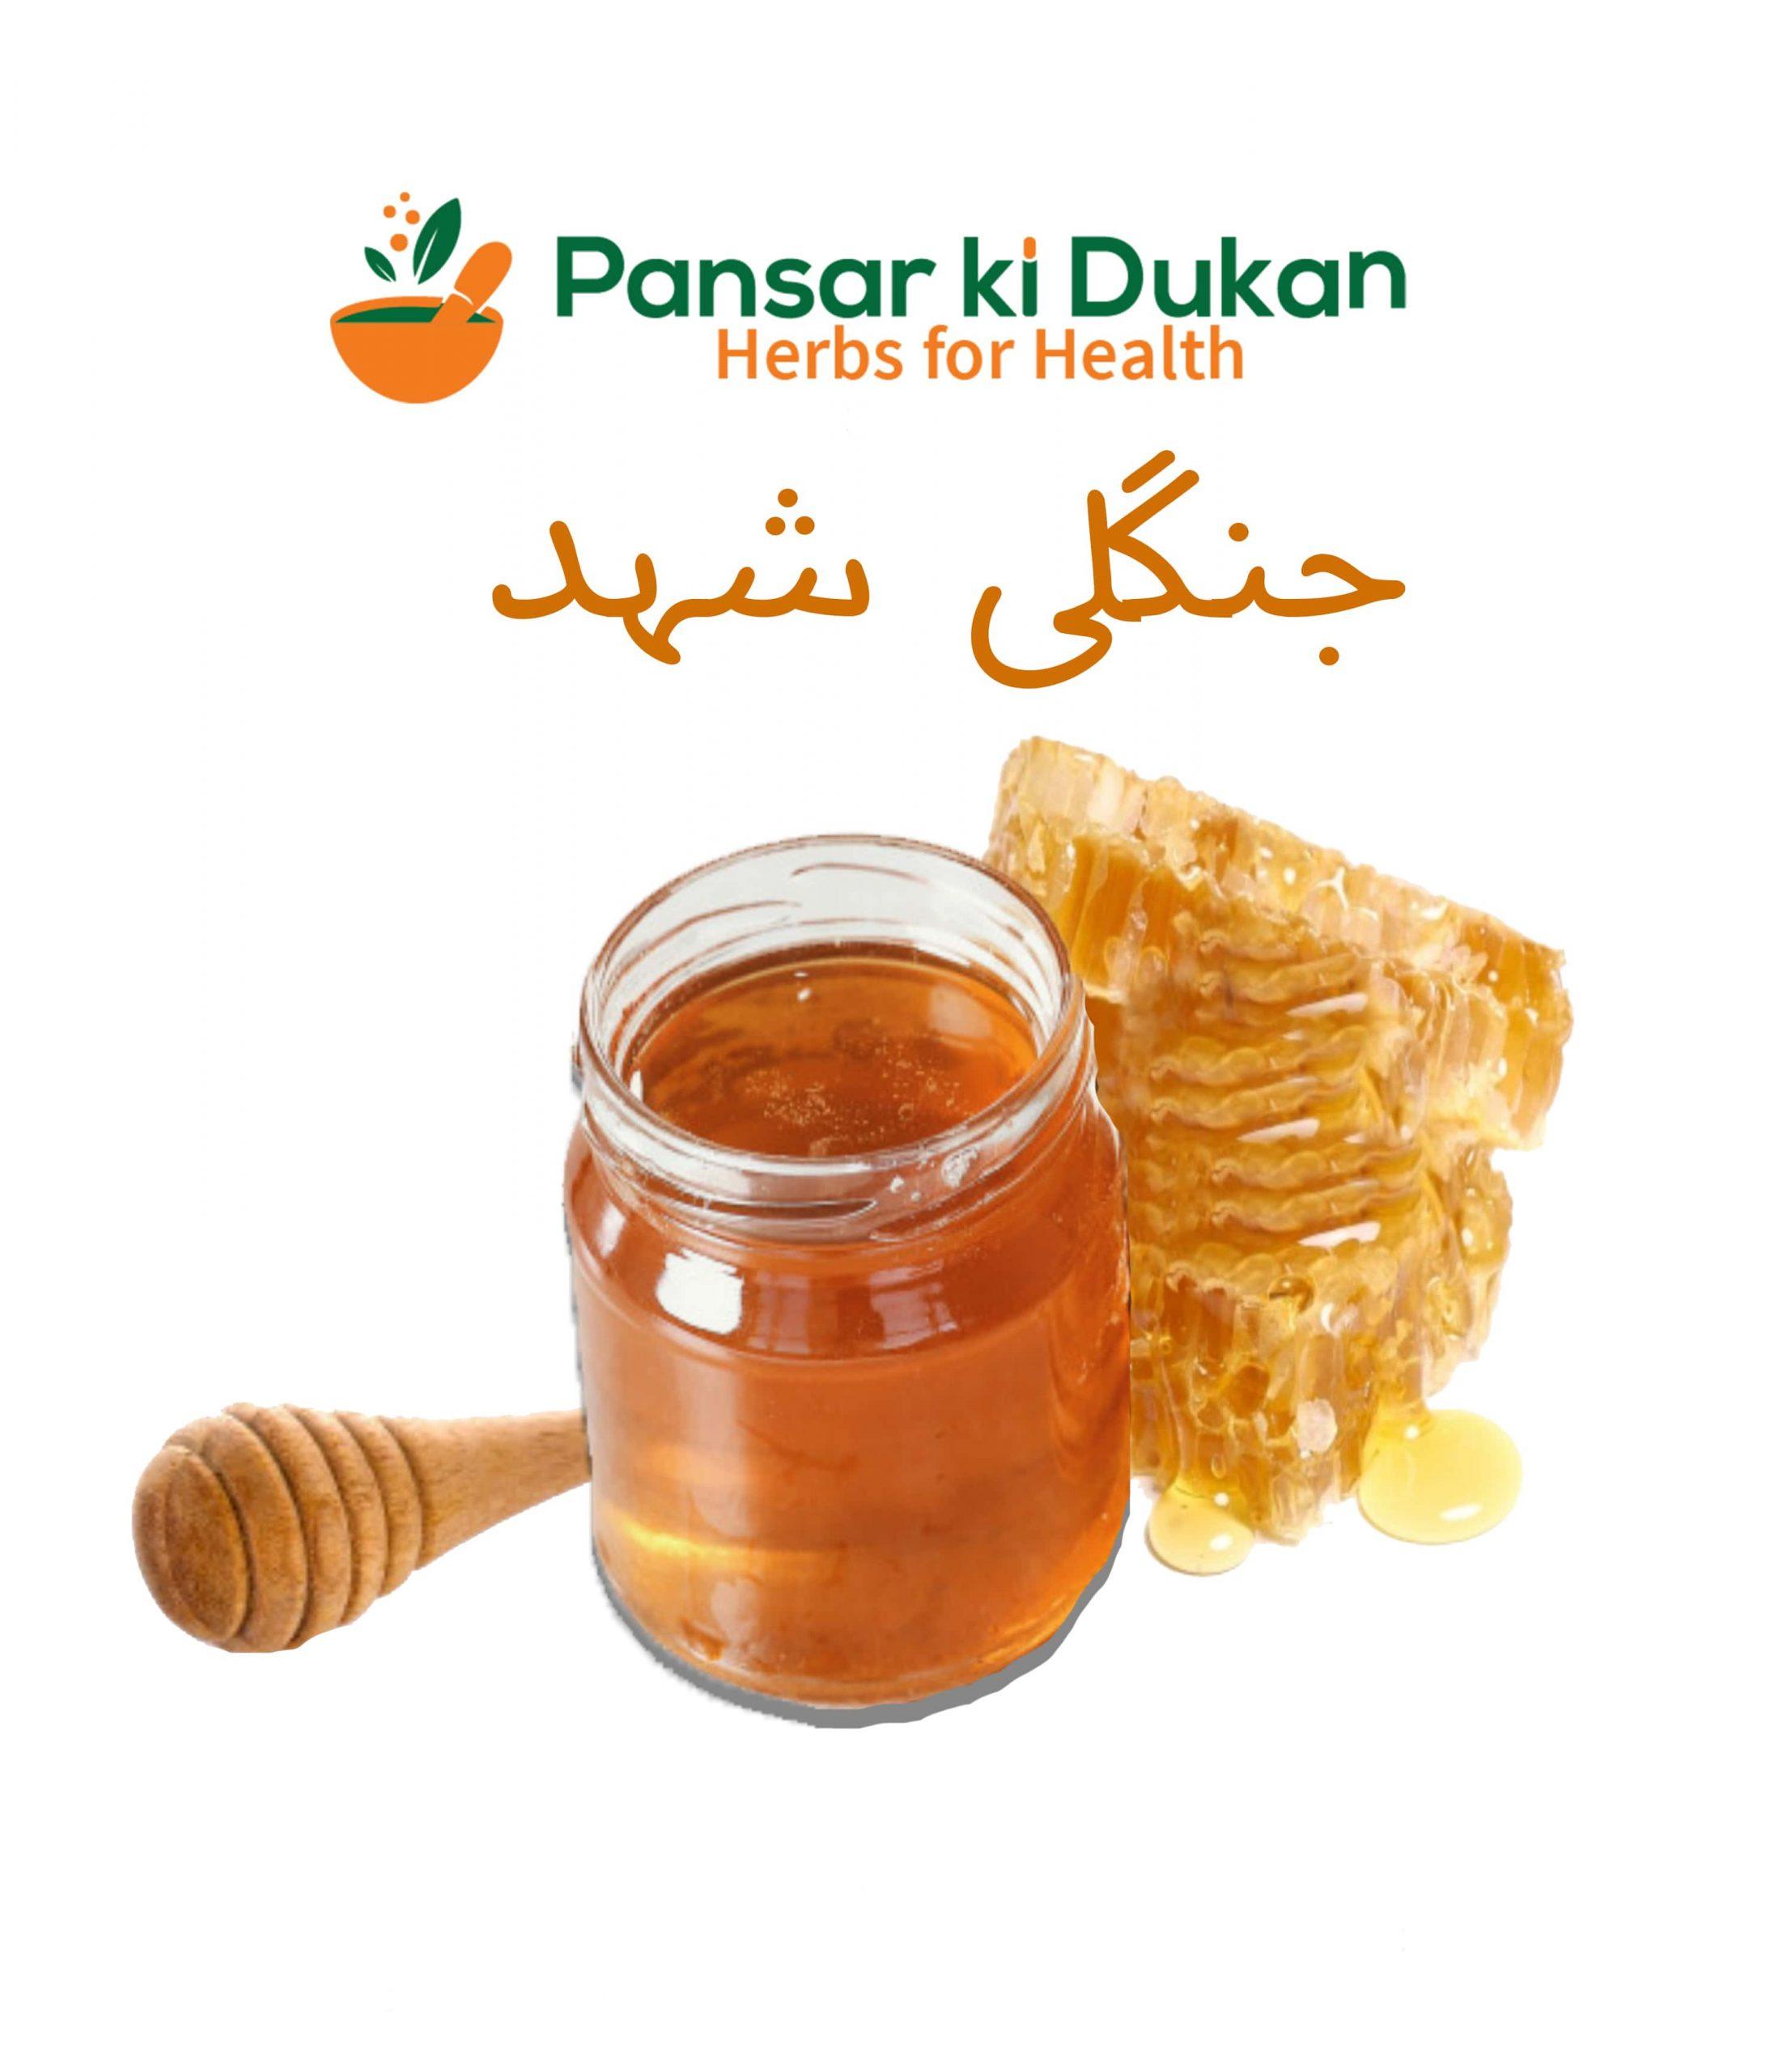 Pansar ki Dukan Honey scaled